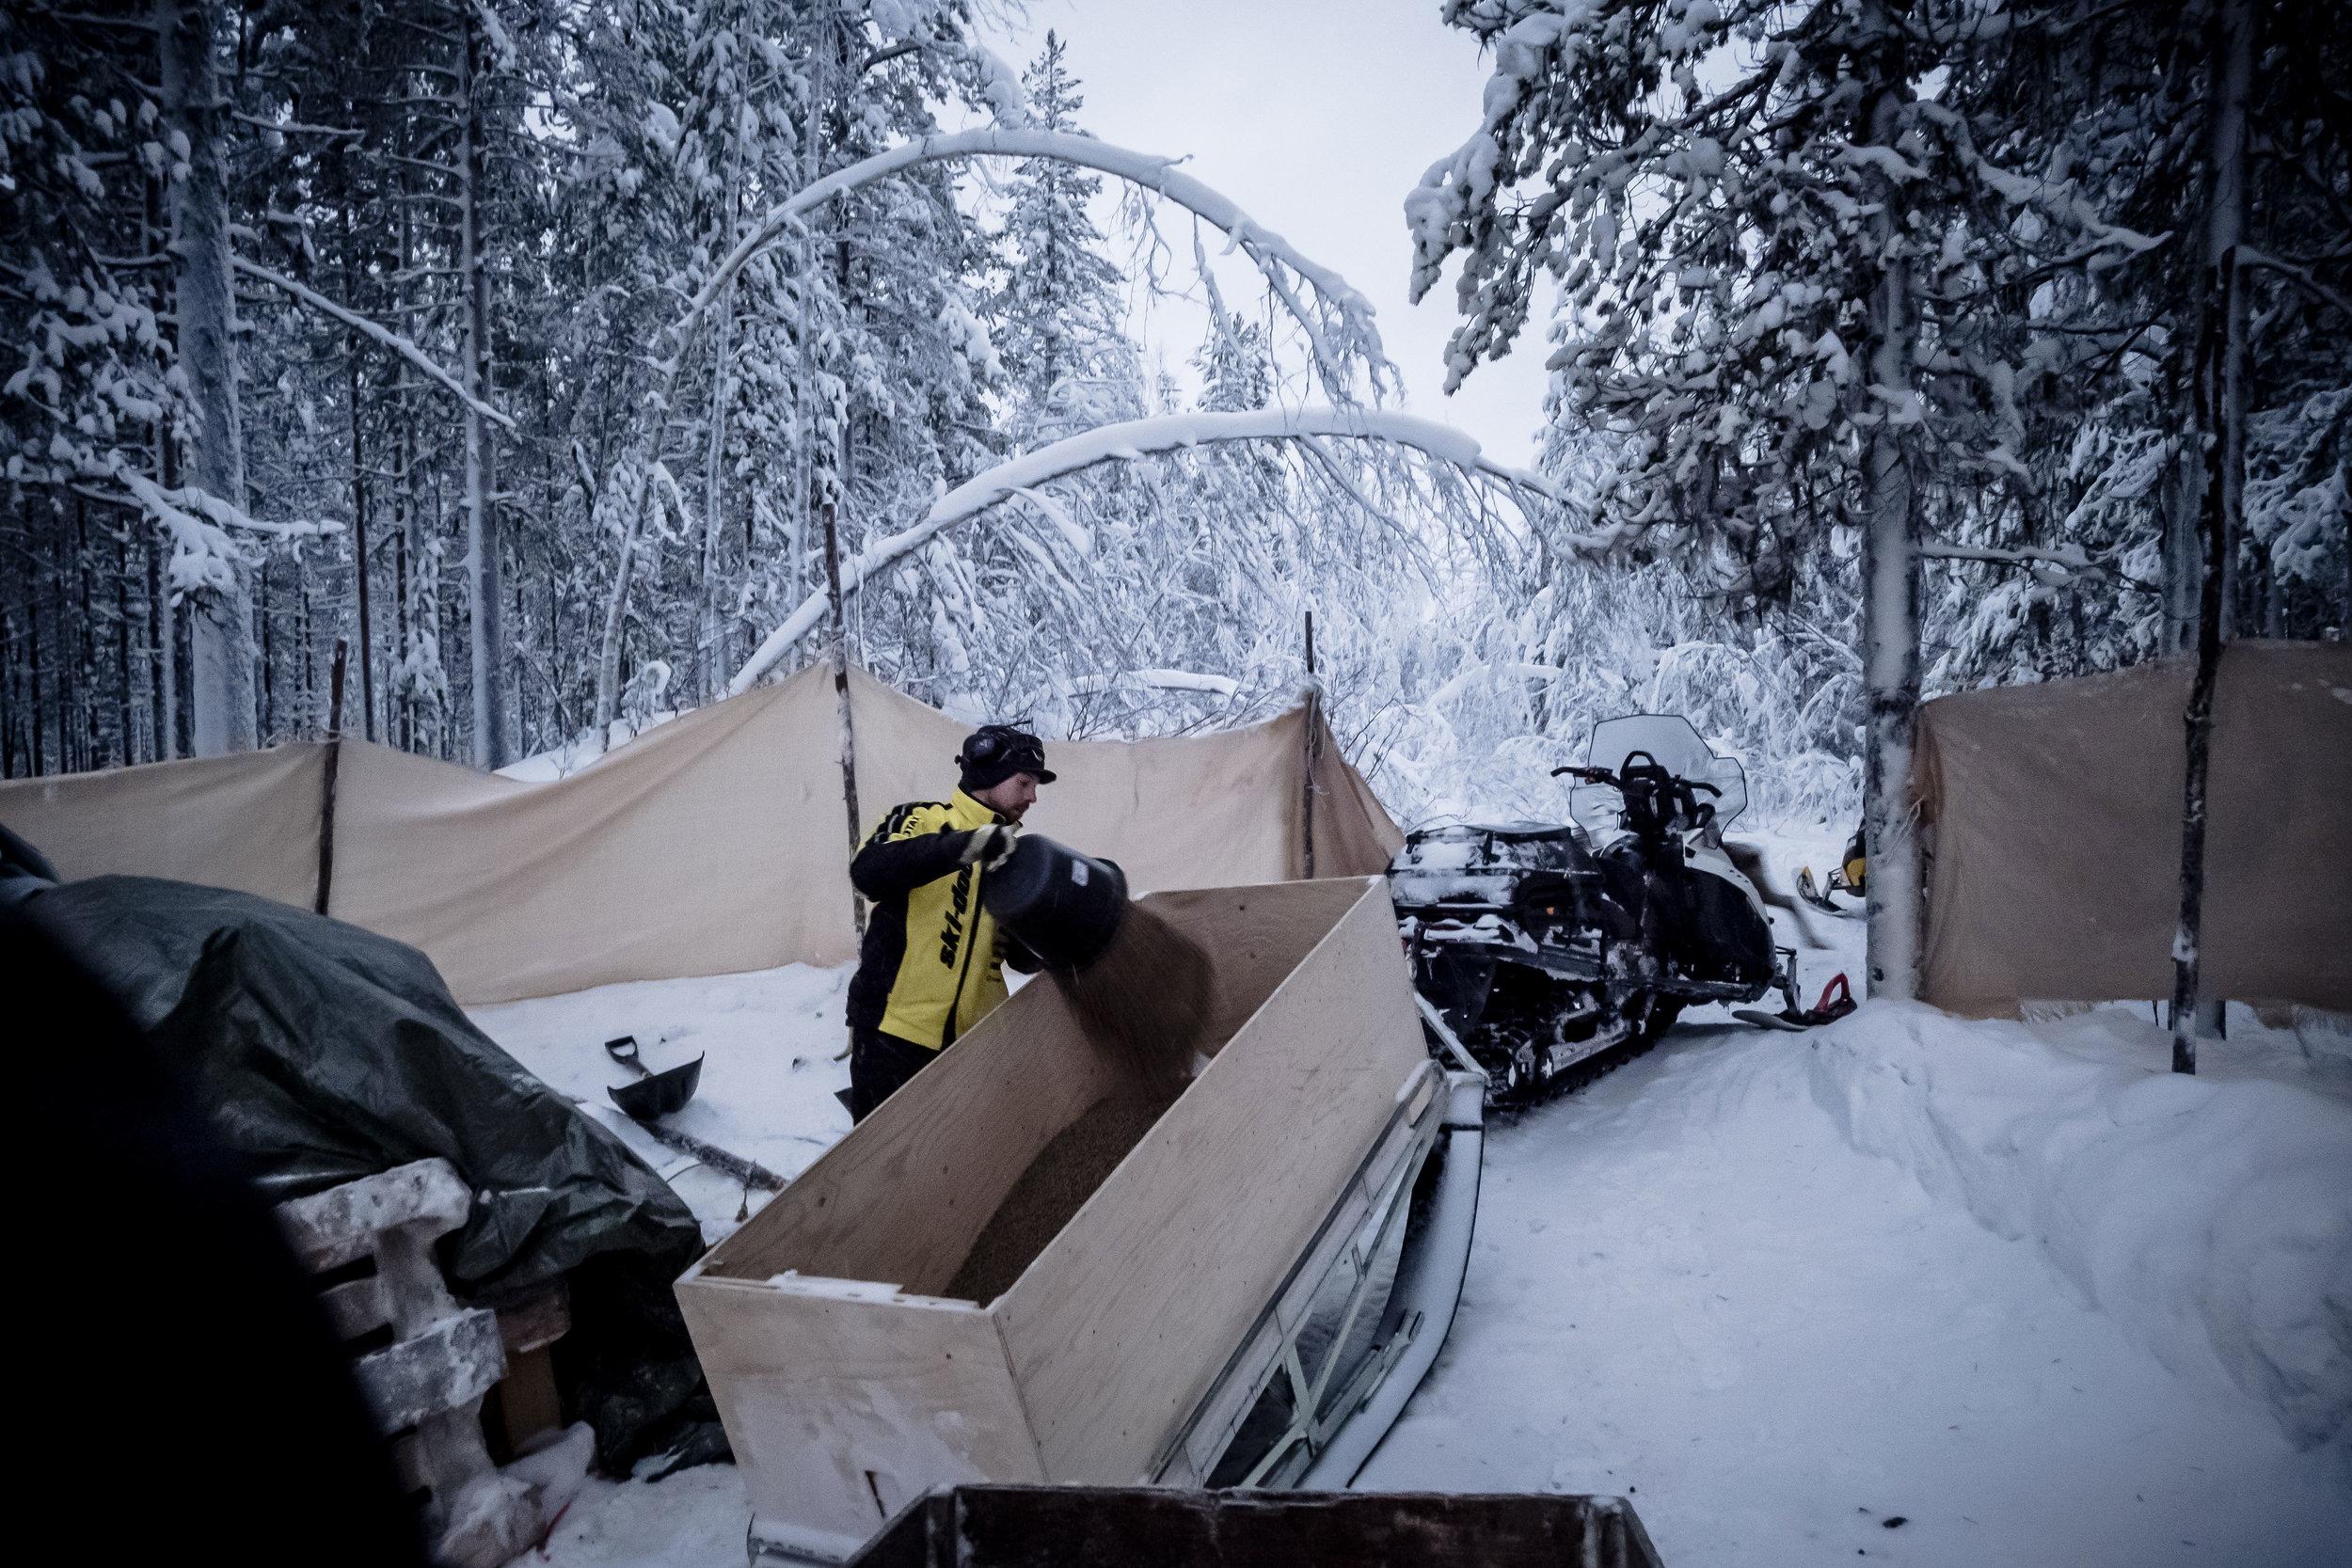 Januari 2018  Vi har stora områden att välja på när vi placerar ut renarna för vintern. Men de allt snabbare klimatförändringarna gör vintrarna svårare att förutspå. Det är som att kasta tärning – mycket är osäkert. I år valde vi att släppa renarna i Murjek-området, men ett par veckor in i vintern visade det sig vara ett felval. Marklaven närmast backen, den som är mest lättsmält för renarna, är full av is – ett mer och mer vanligt fenomen då de varma höstvintrarna kommit. Vi har åtta årstider på året. Nu för tiden blir det ofta inslag av plusgrader under höstvintern vilket gör att snön som kommit packar ihop och blir till is. Det innebär att renen inte vill beta. Istället går den iväg över stora ytor. Ett sätt att få dem att stanna kvar på vinterbeteslandet är tillskottsutfodring. Min kusin, Ol-Duommá, öser de dyra pelletarna för att sedan köra ut till utfodringsplatser i skogen. Ett dyrt och tungt extraarbete.